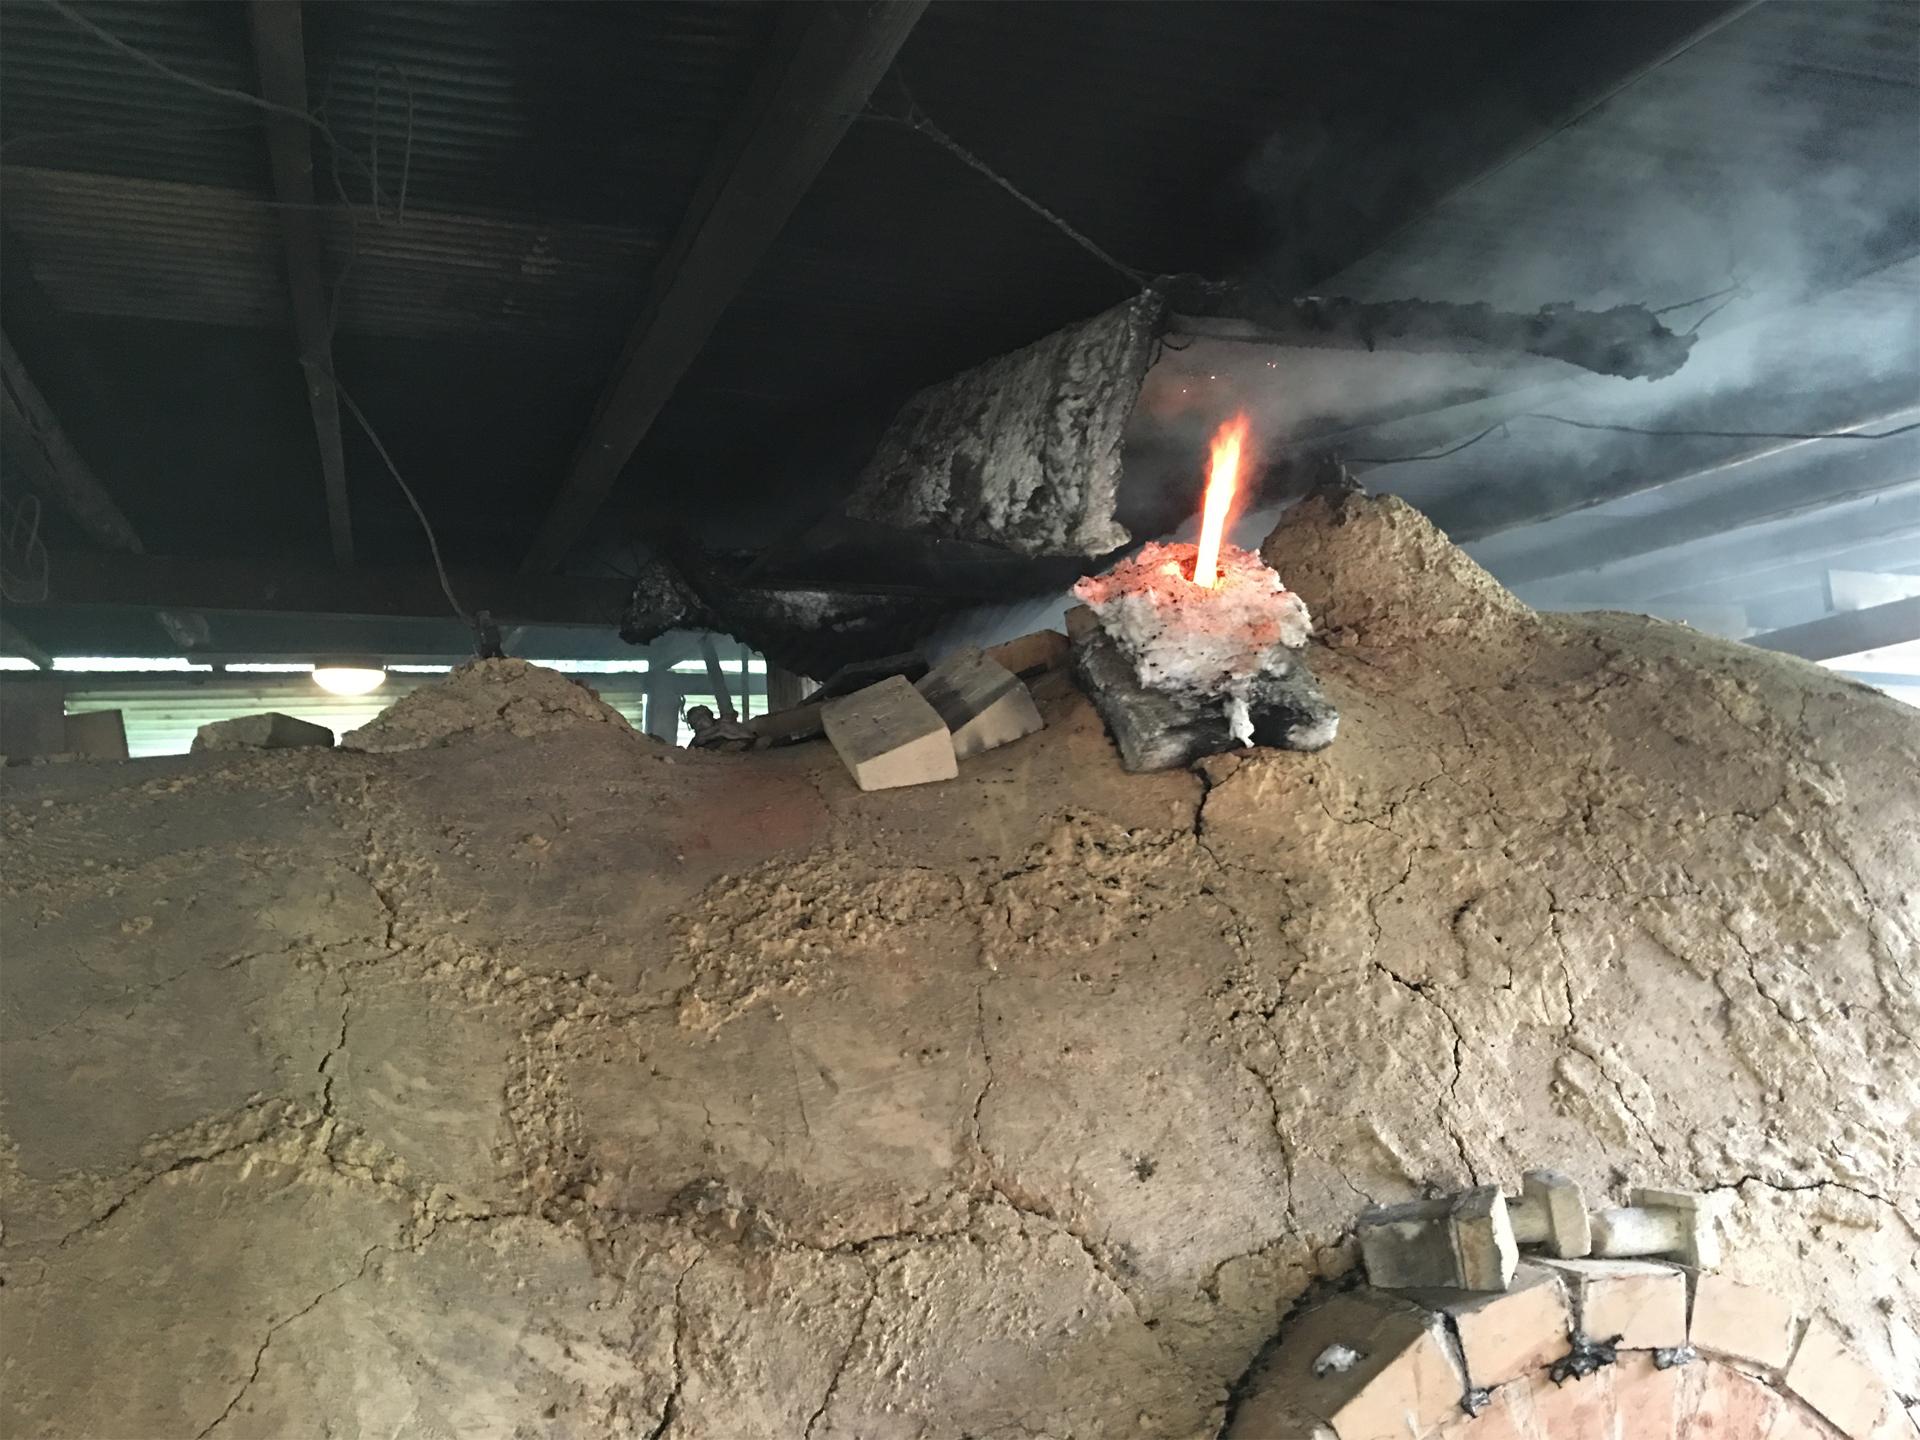 窯の火の様子を知ることができる「ツノ」